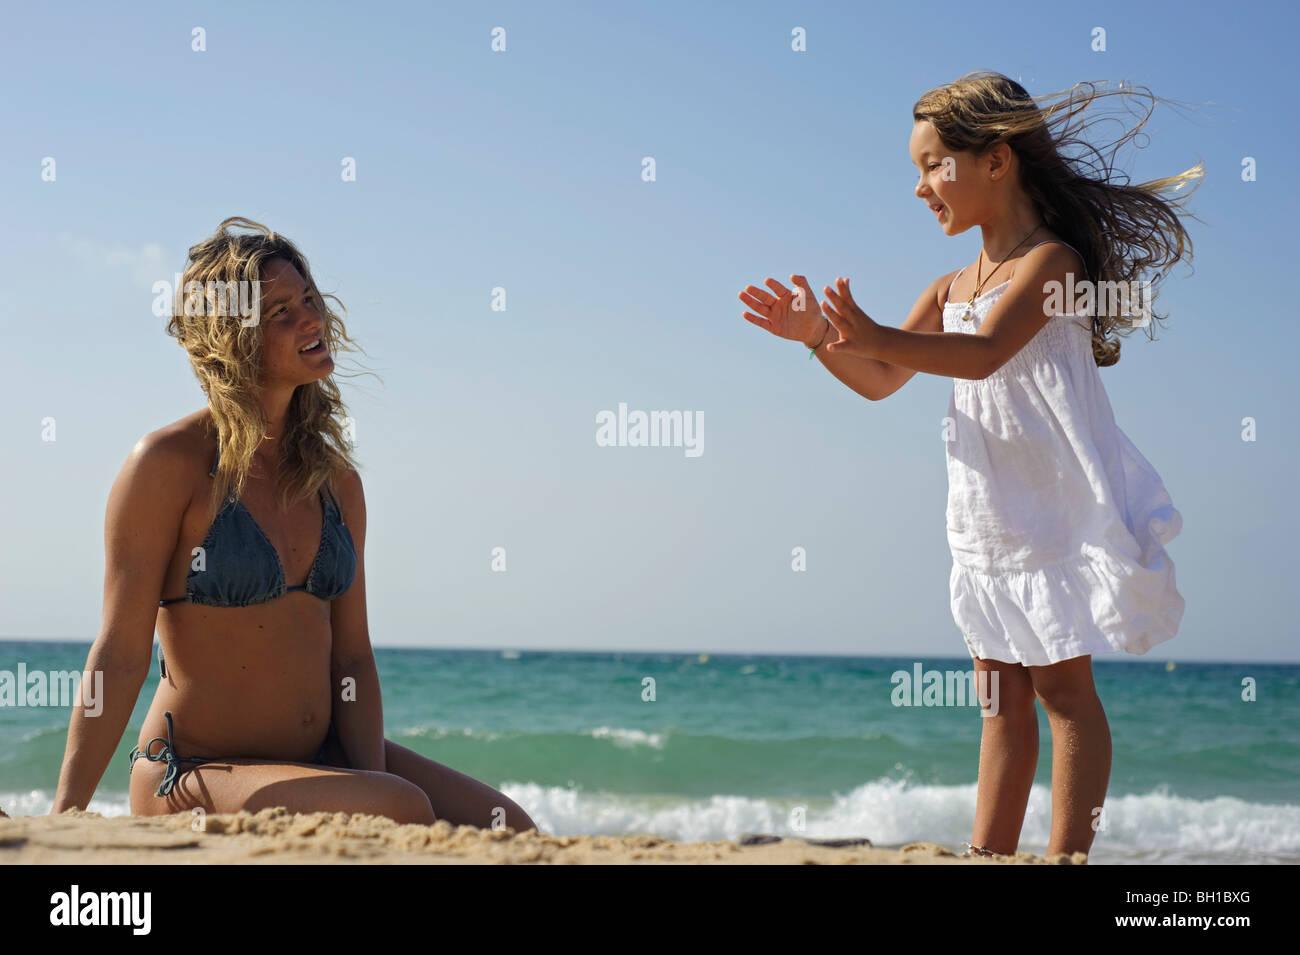 Junges Mädchen mit Mutter am Strand Stockbild